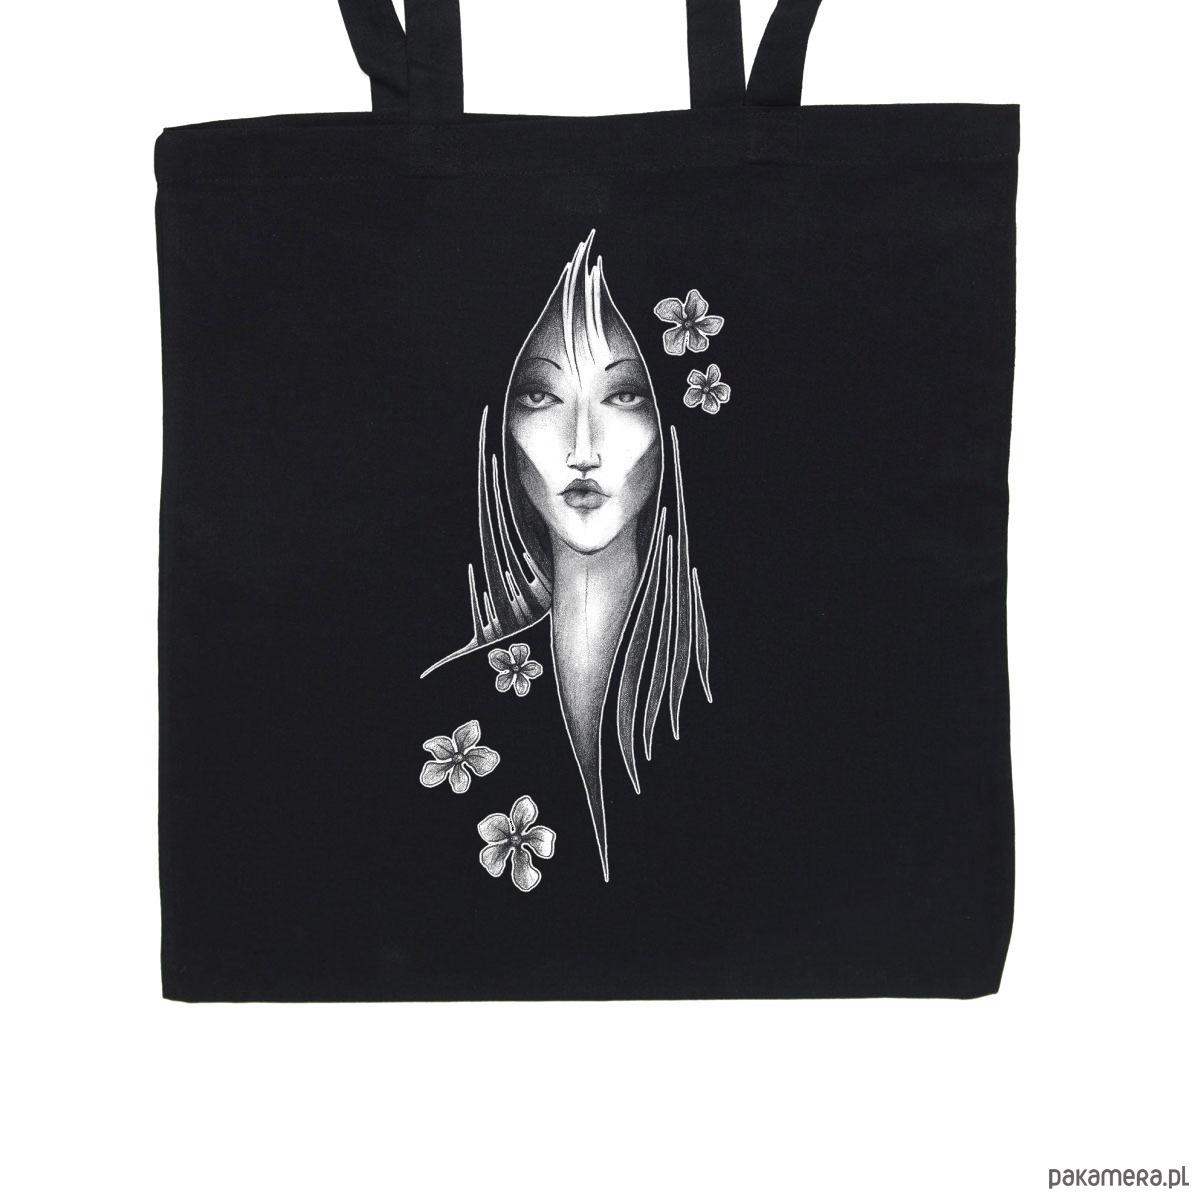 a21fd7e1db8d7 Kwiaty - torba bawełniana czarna - torby na zakupy - unisex - Pakamera.pl